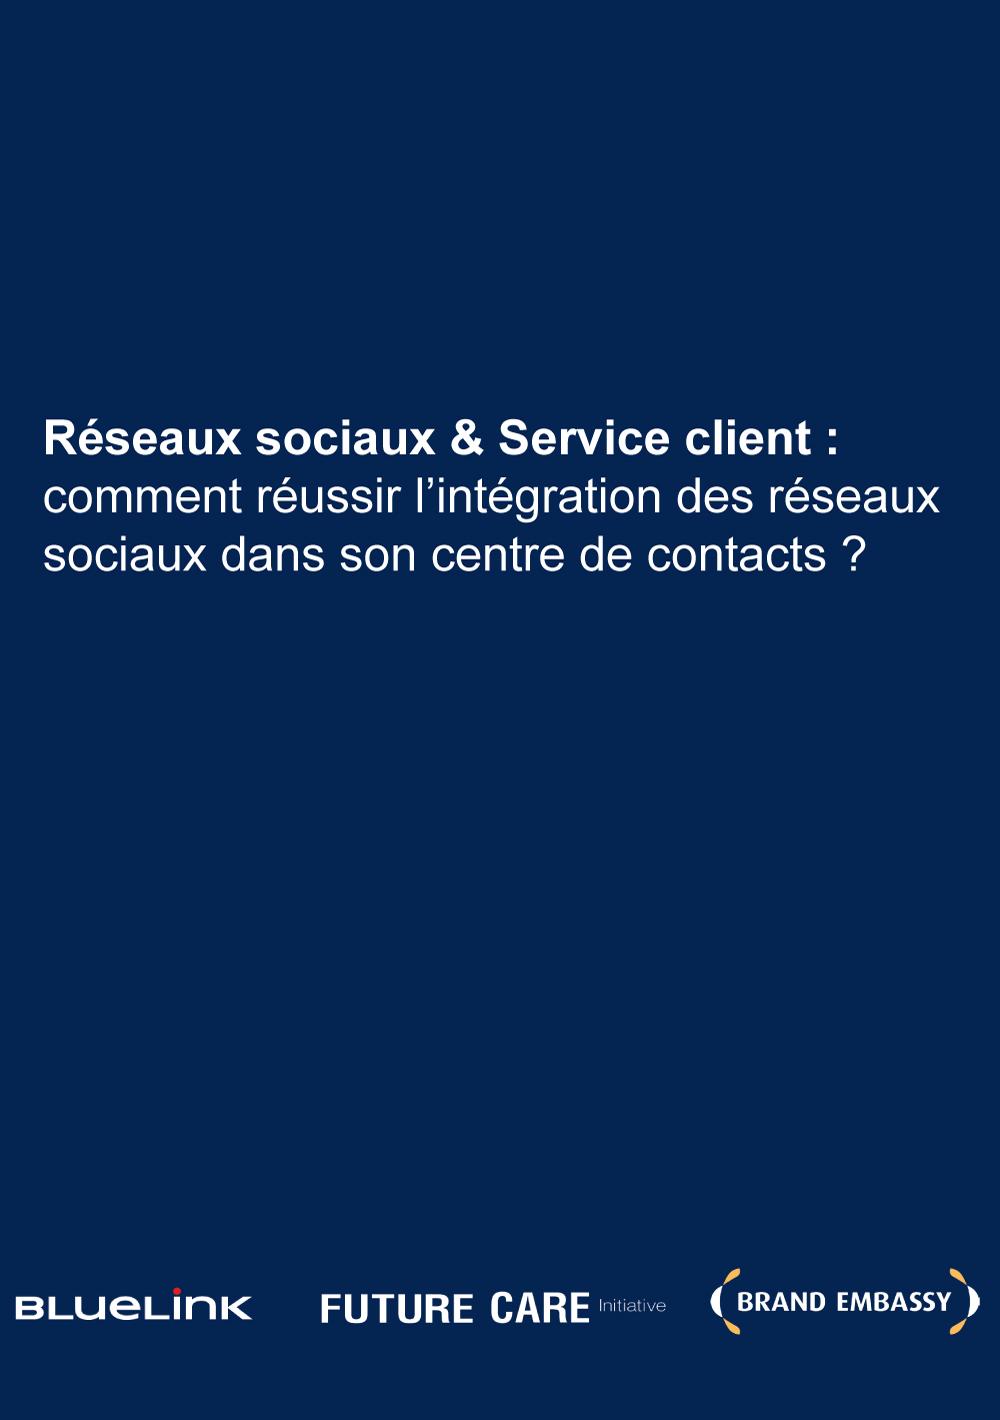 Réseaux sociaux et service client